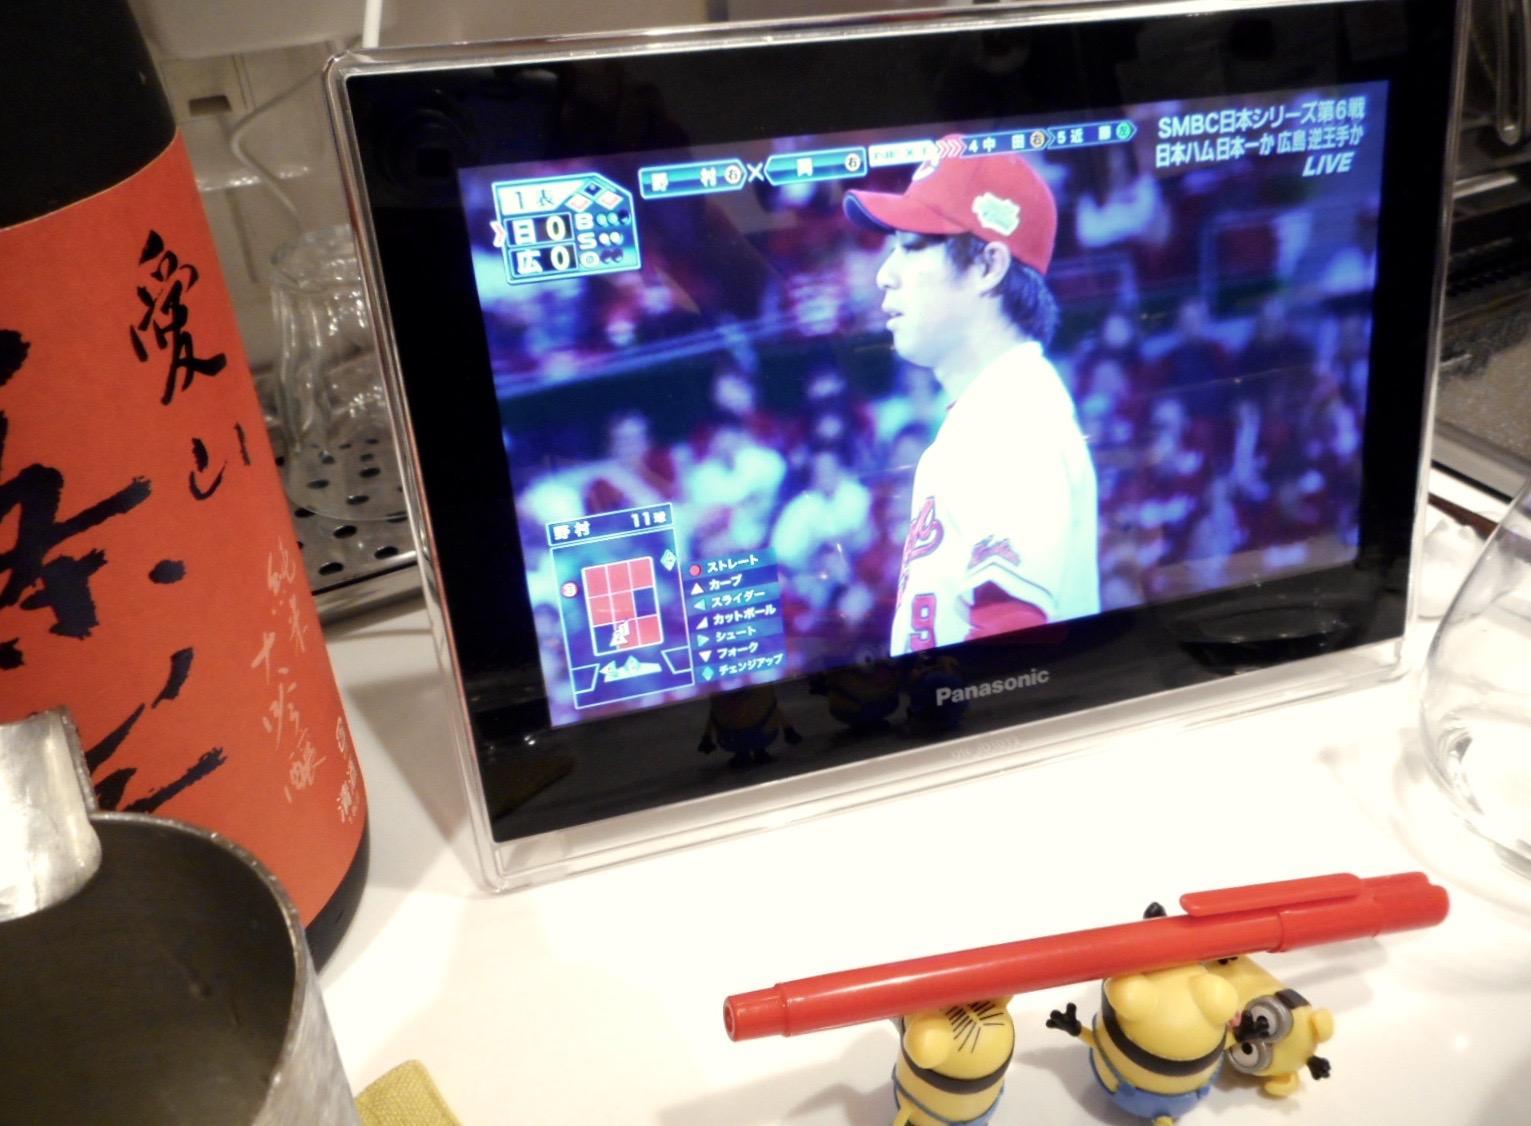 shinomine_aiyama45nama26by9.jpg